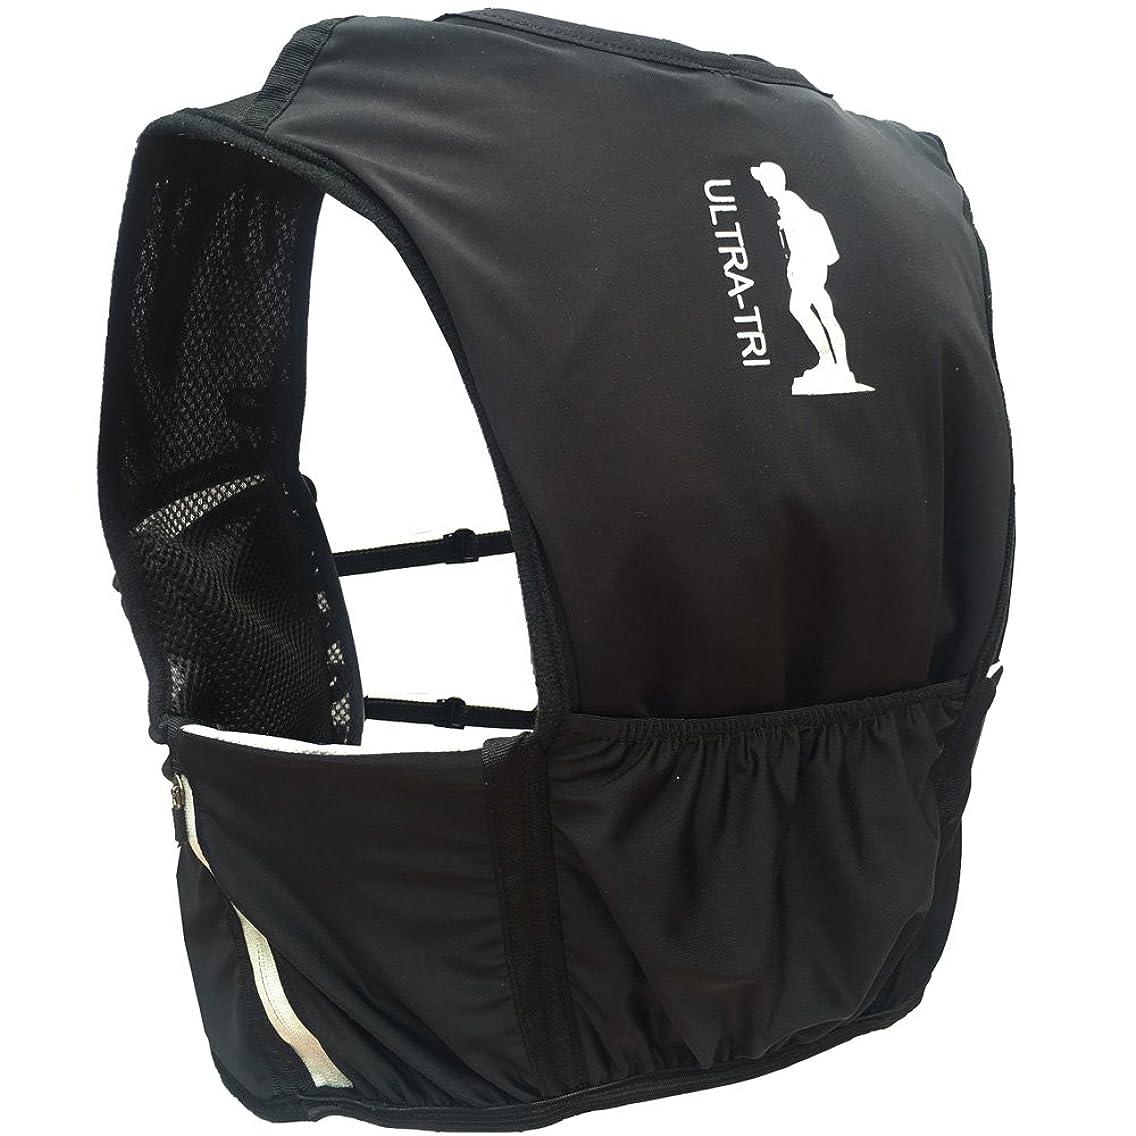 赤外線支配するブルジョンULTRA-TRI 超軽量 ランニングバックパックハイドレーション アウトドア スポーツバッグ 登山 レース 遠足 リュックサック 8L